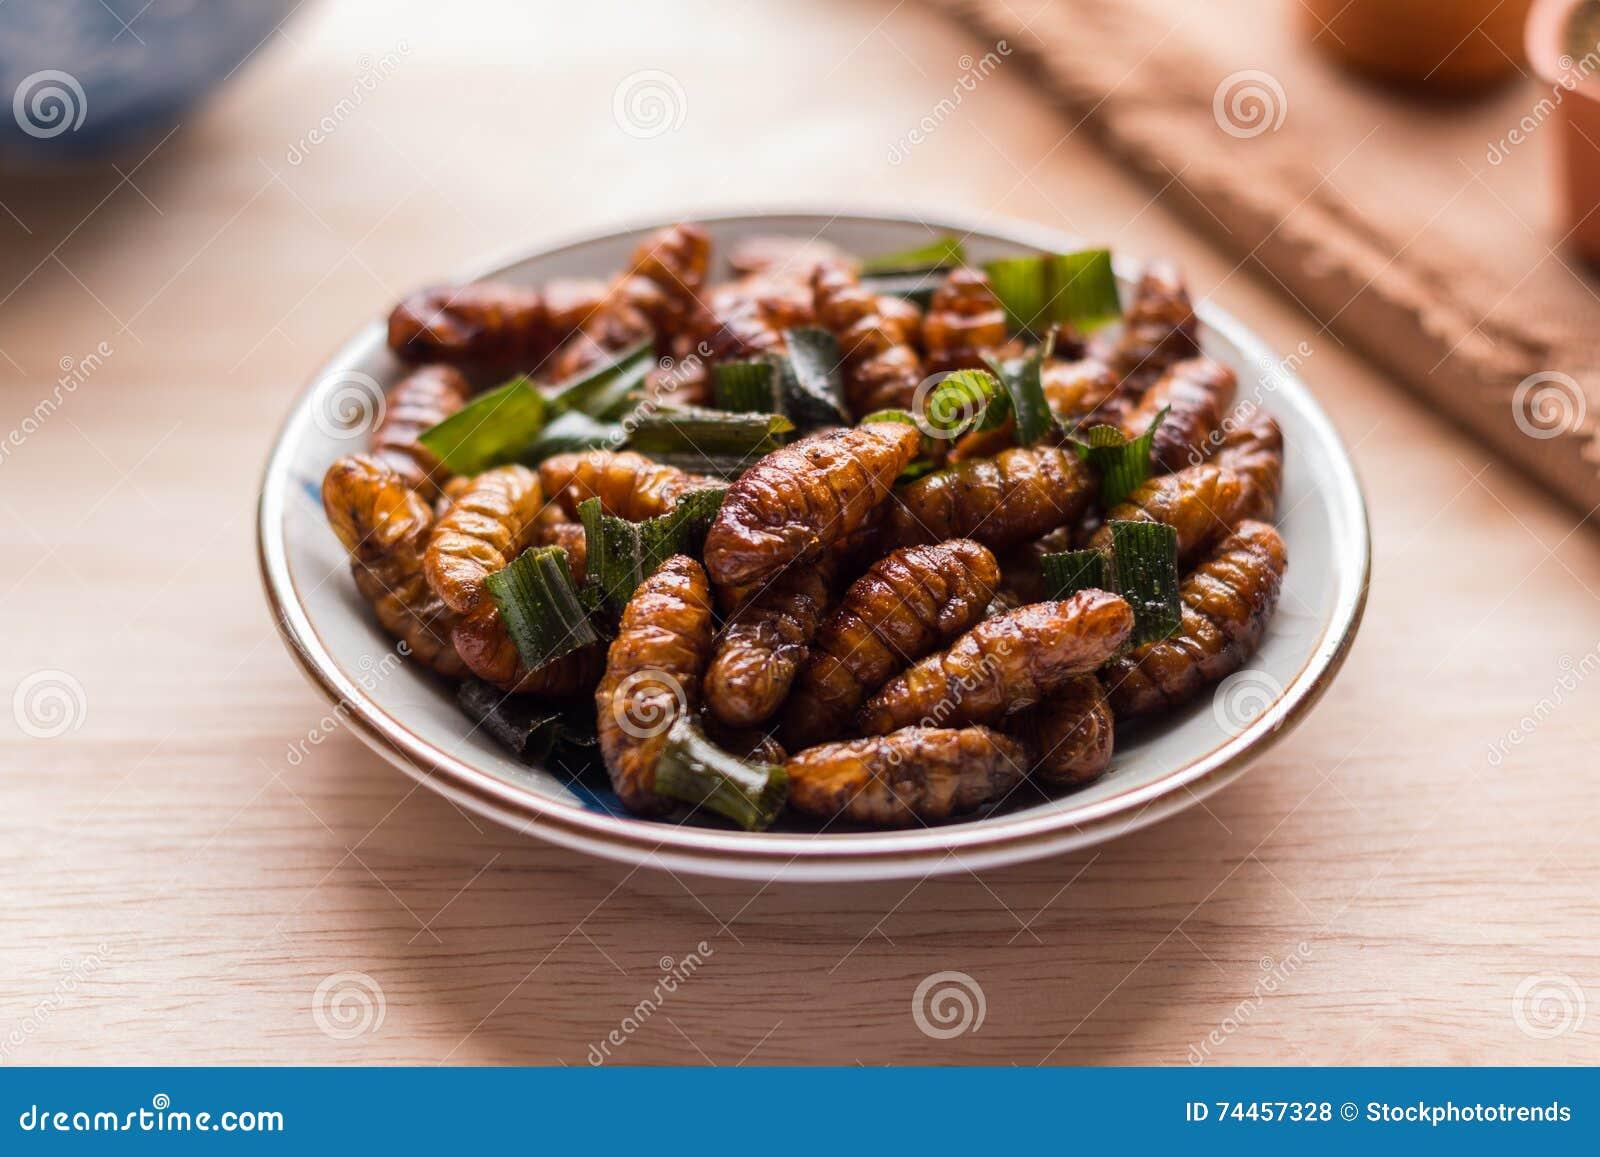 Insectos fritos - insecto de madera del gusano curruscante con pandan después de frito